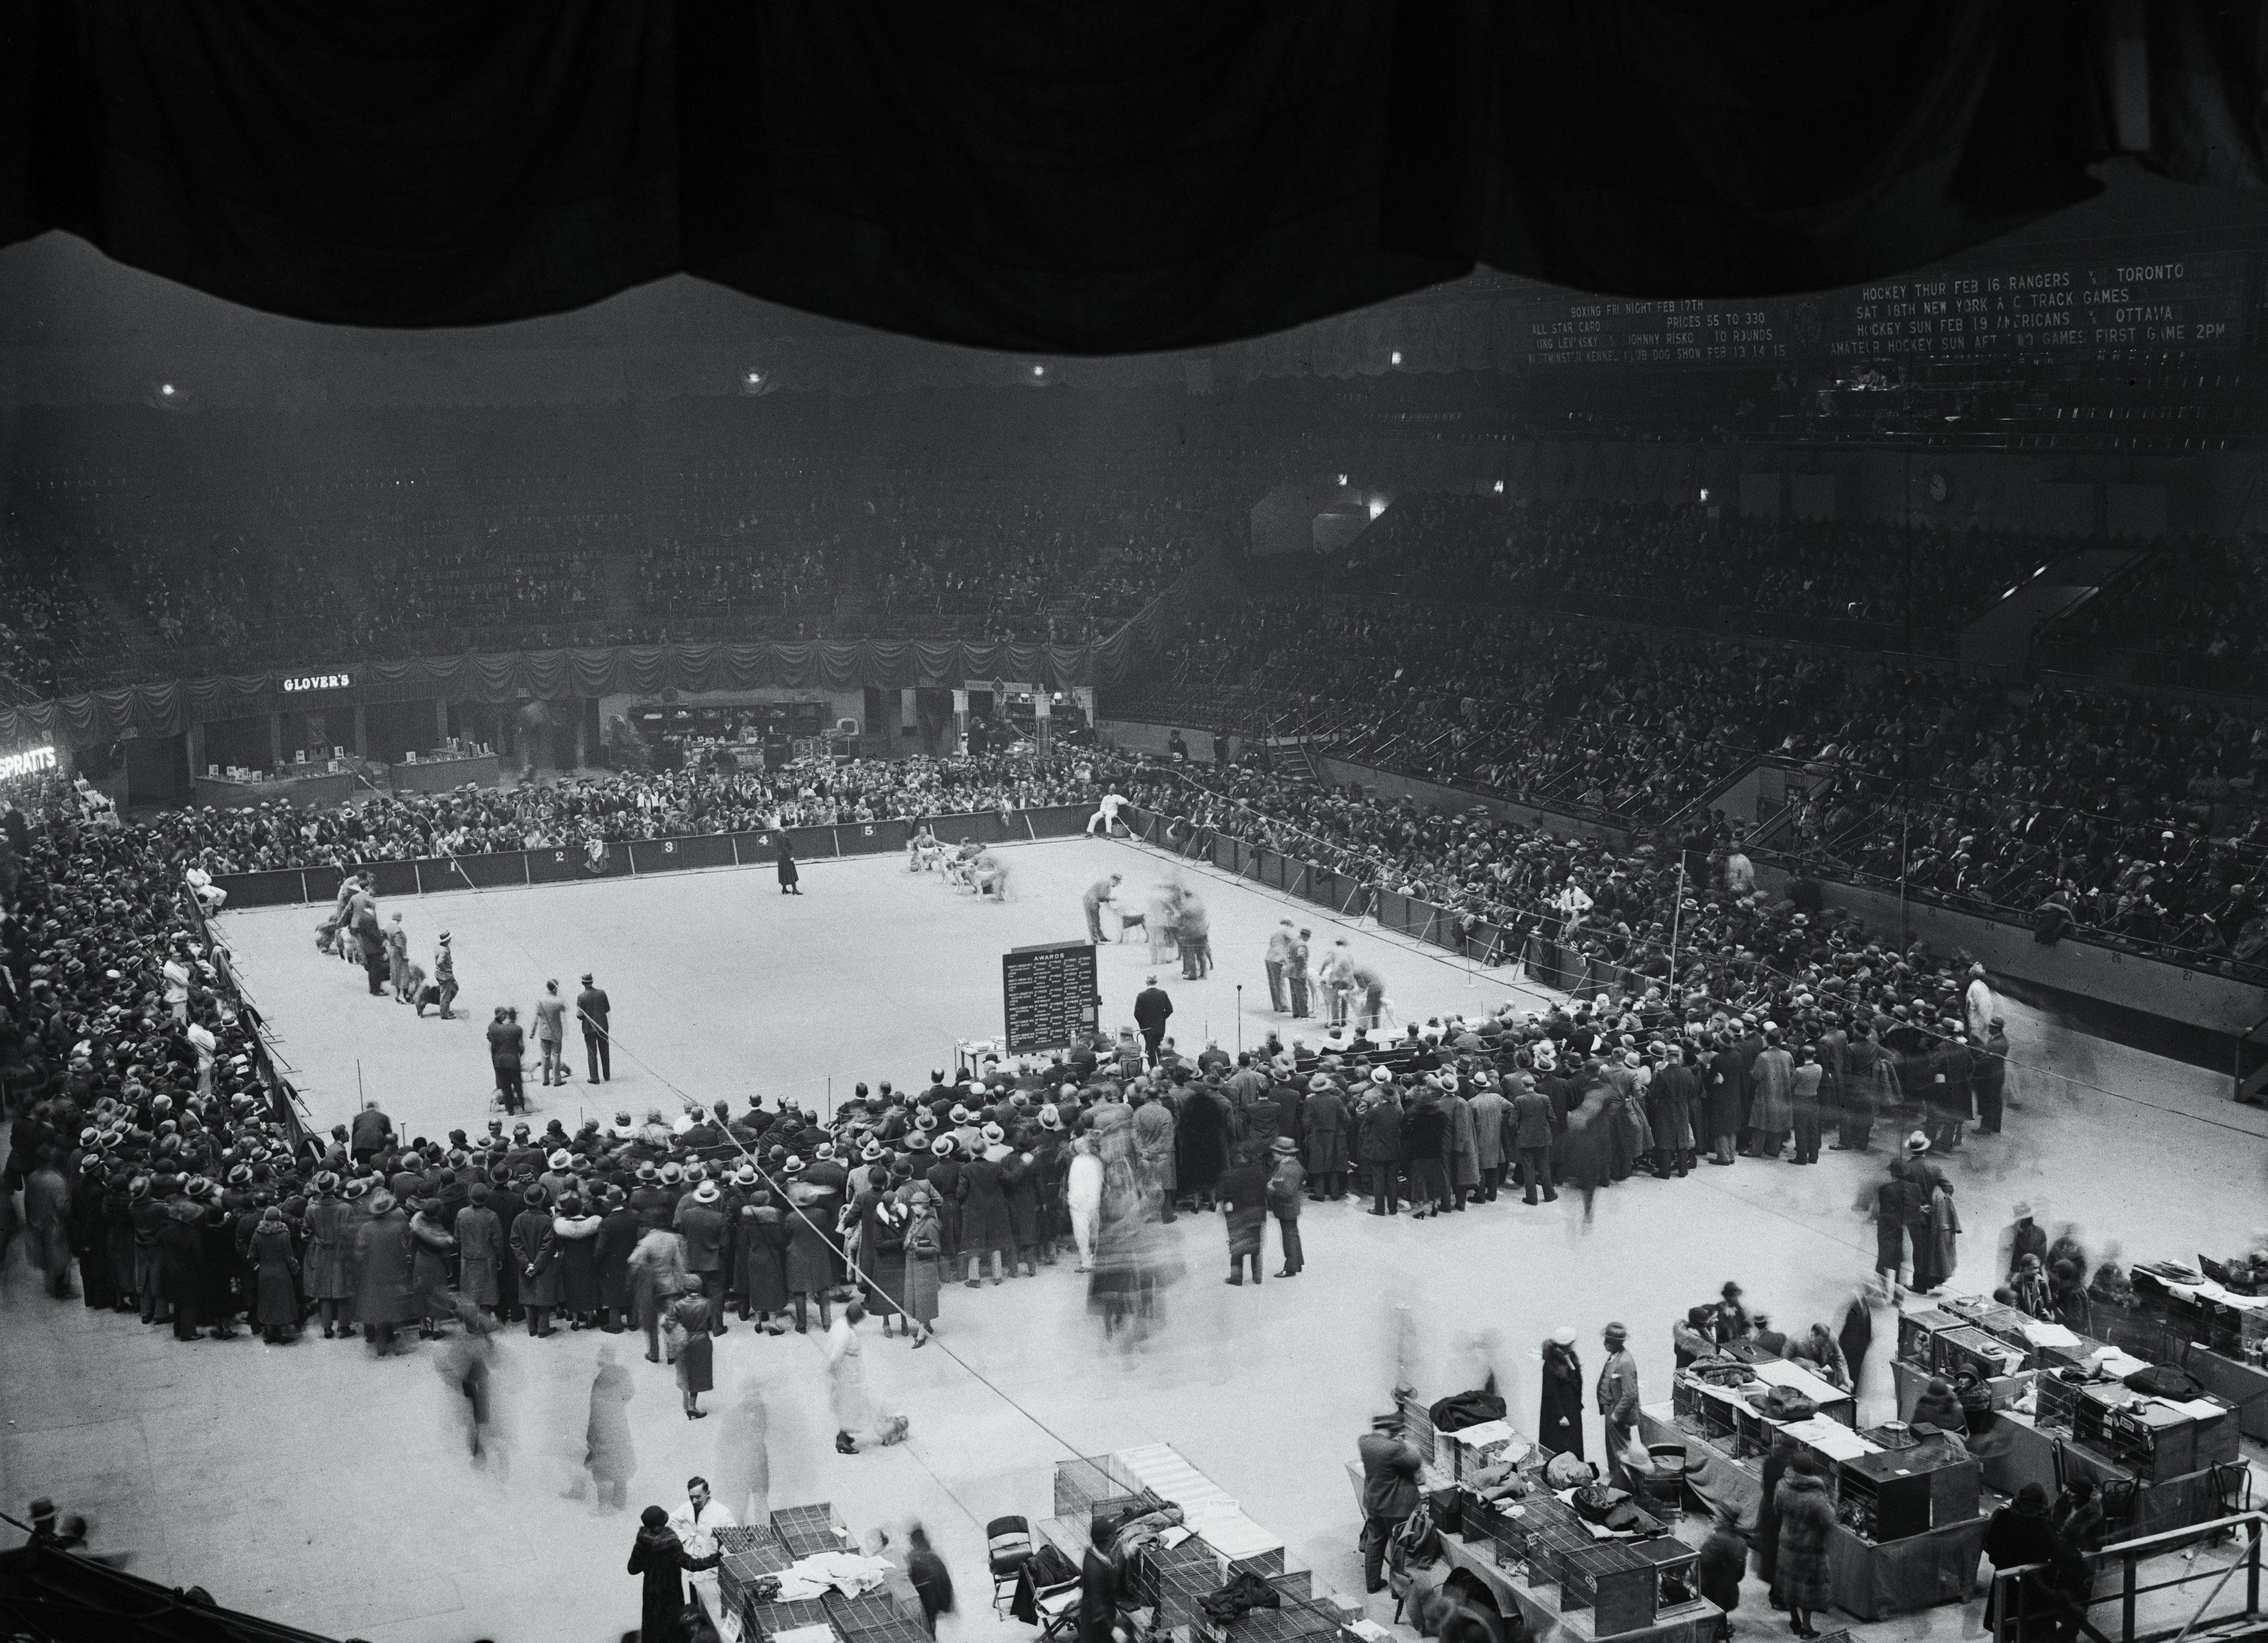 Westminster dog show 1933